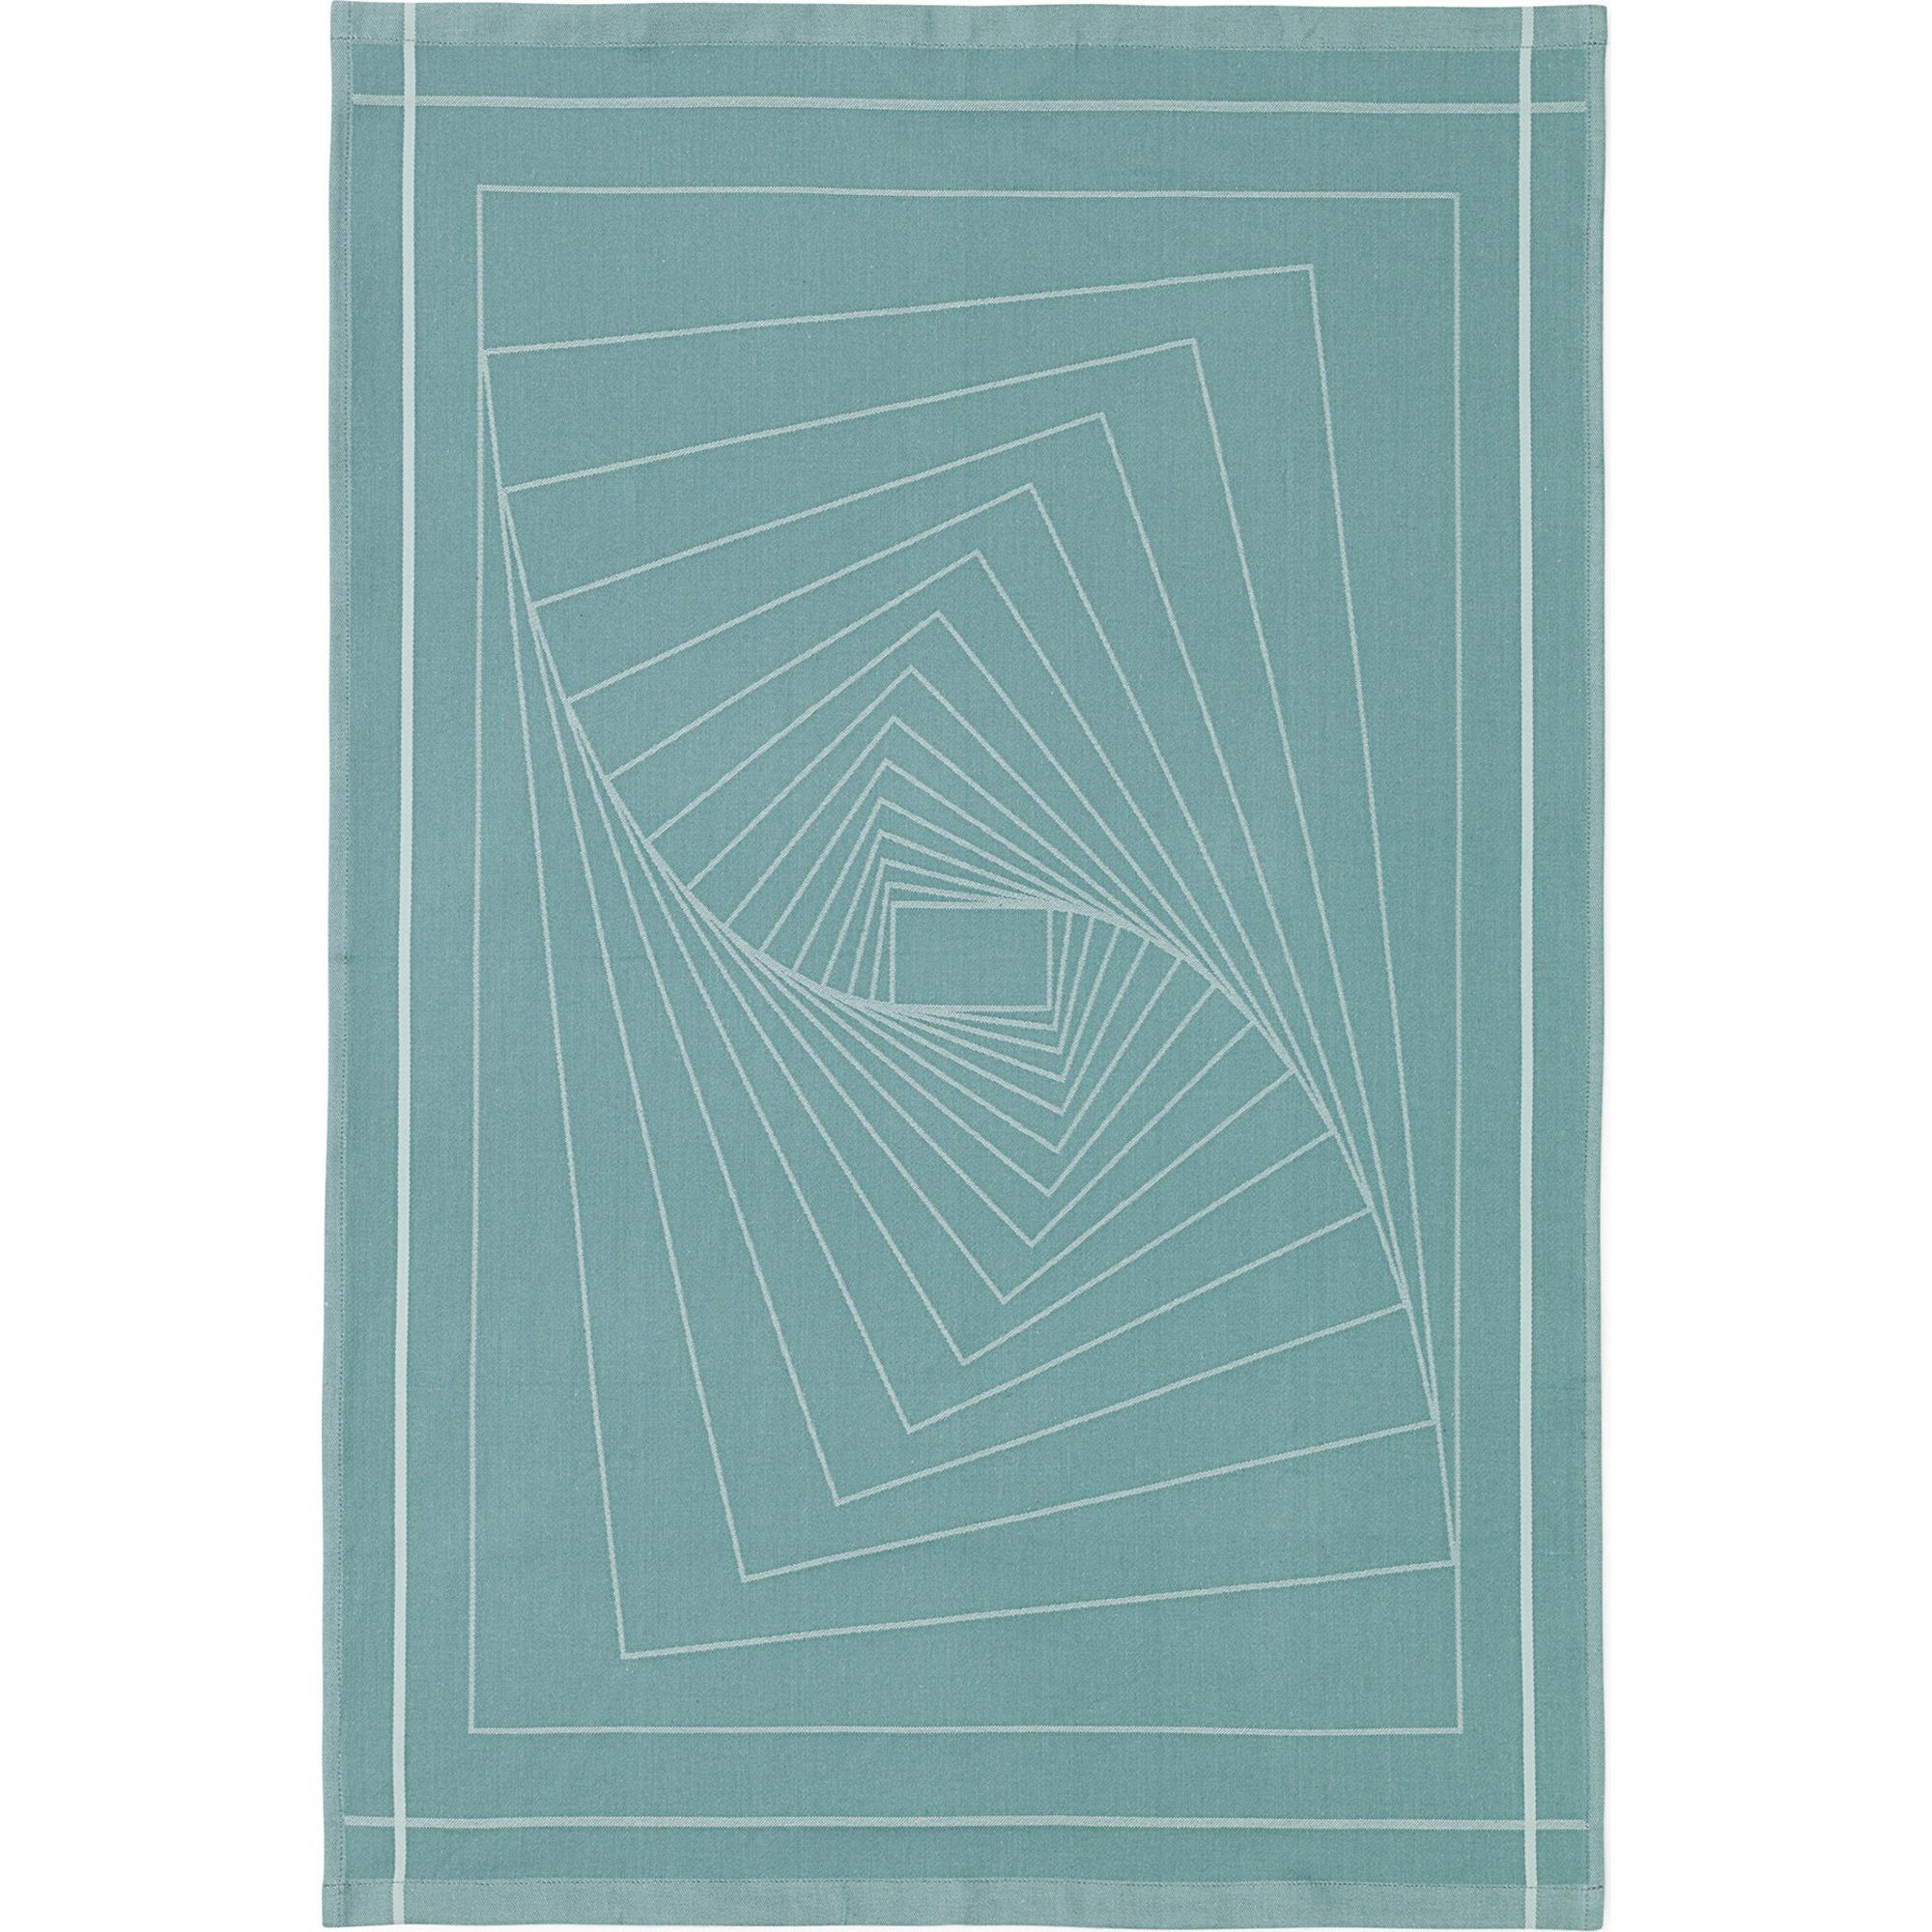 Normann Copenhagen Illusion Tea Towel Turquoise